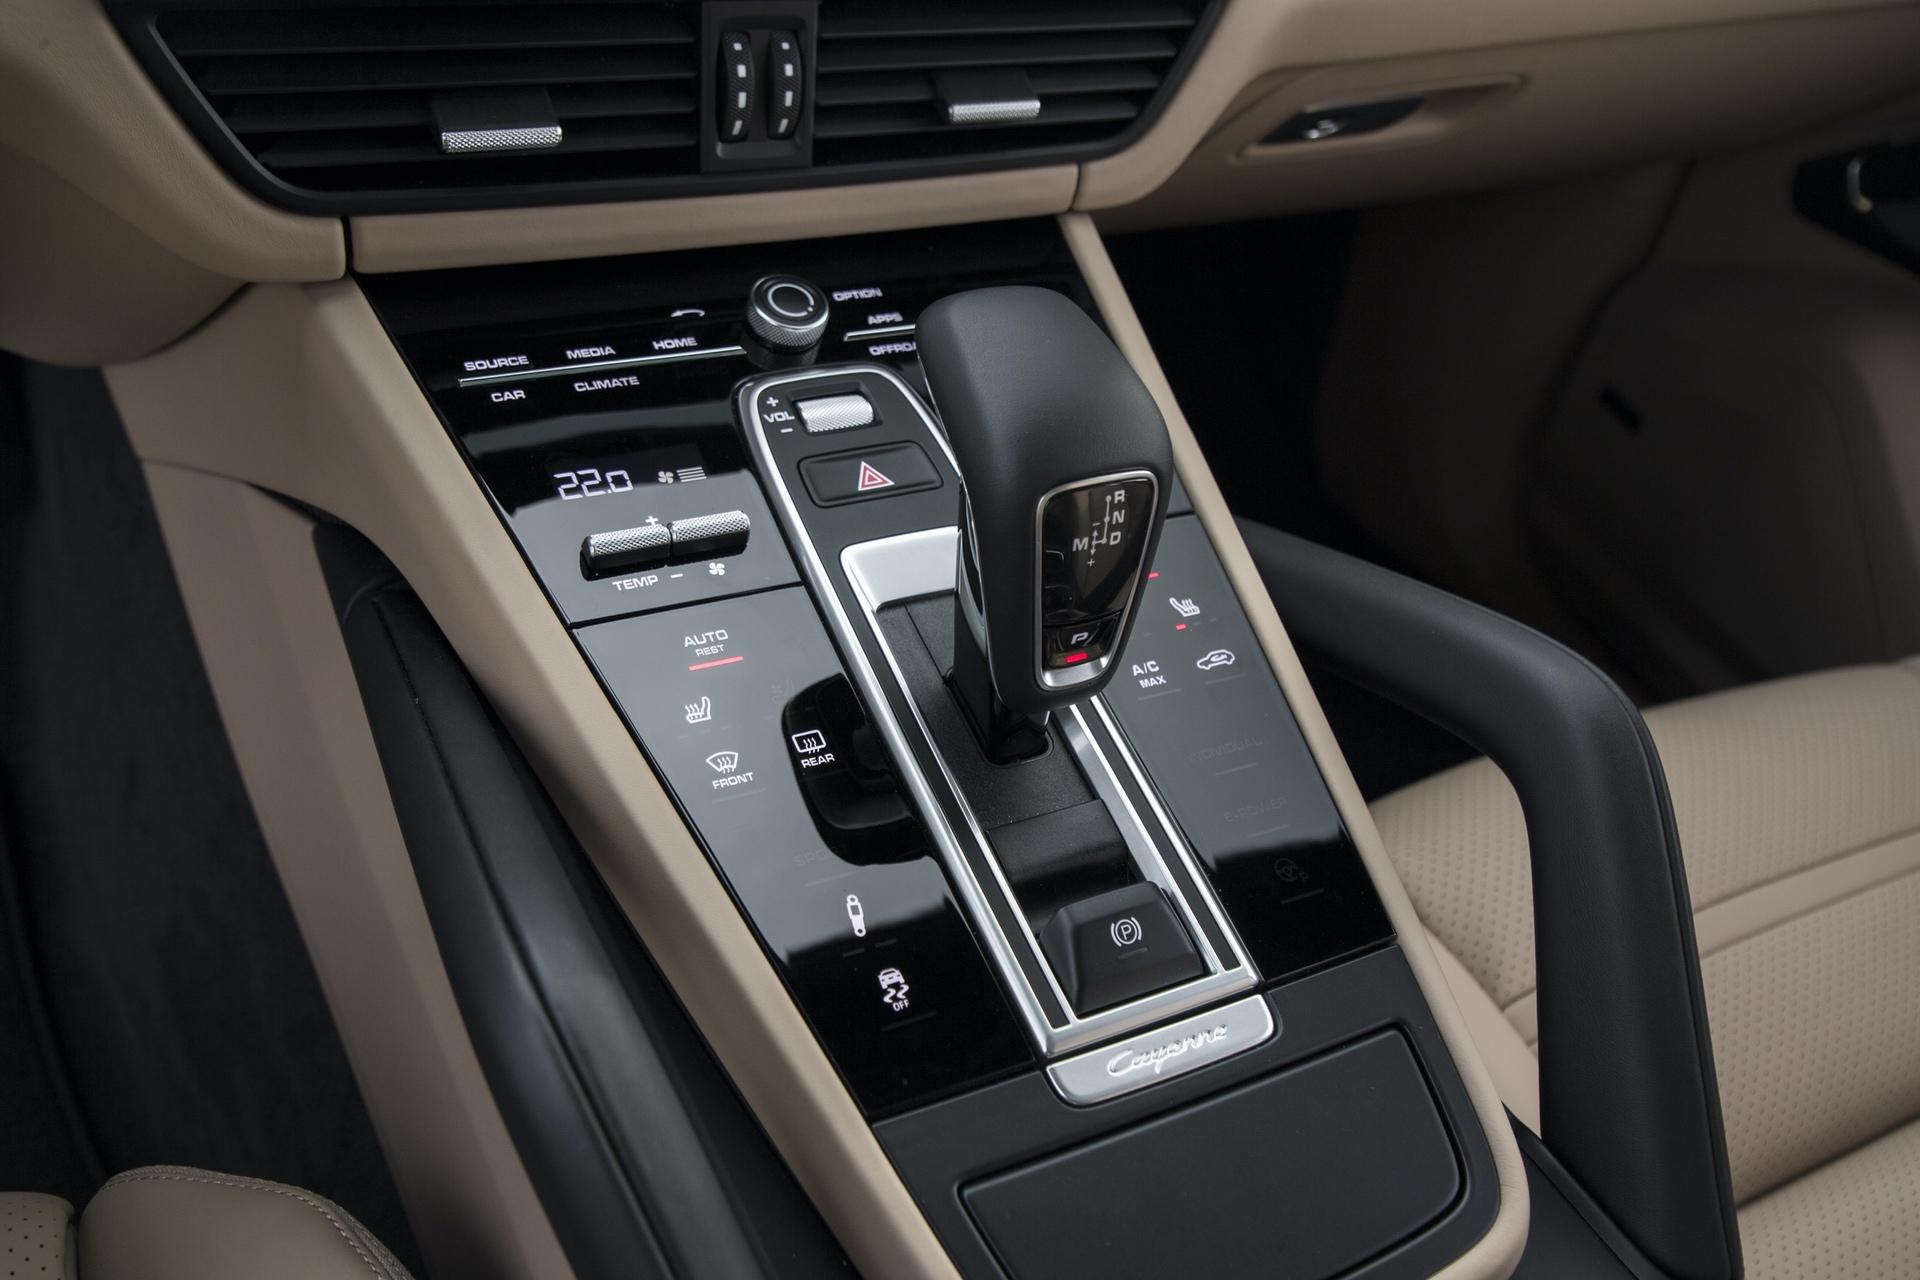 Test_Drive_Porsche_Cayenne_226